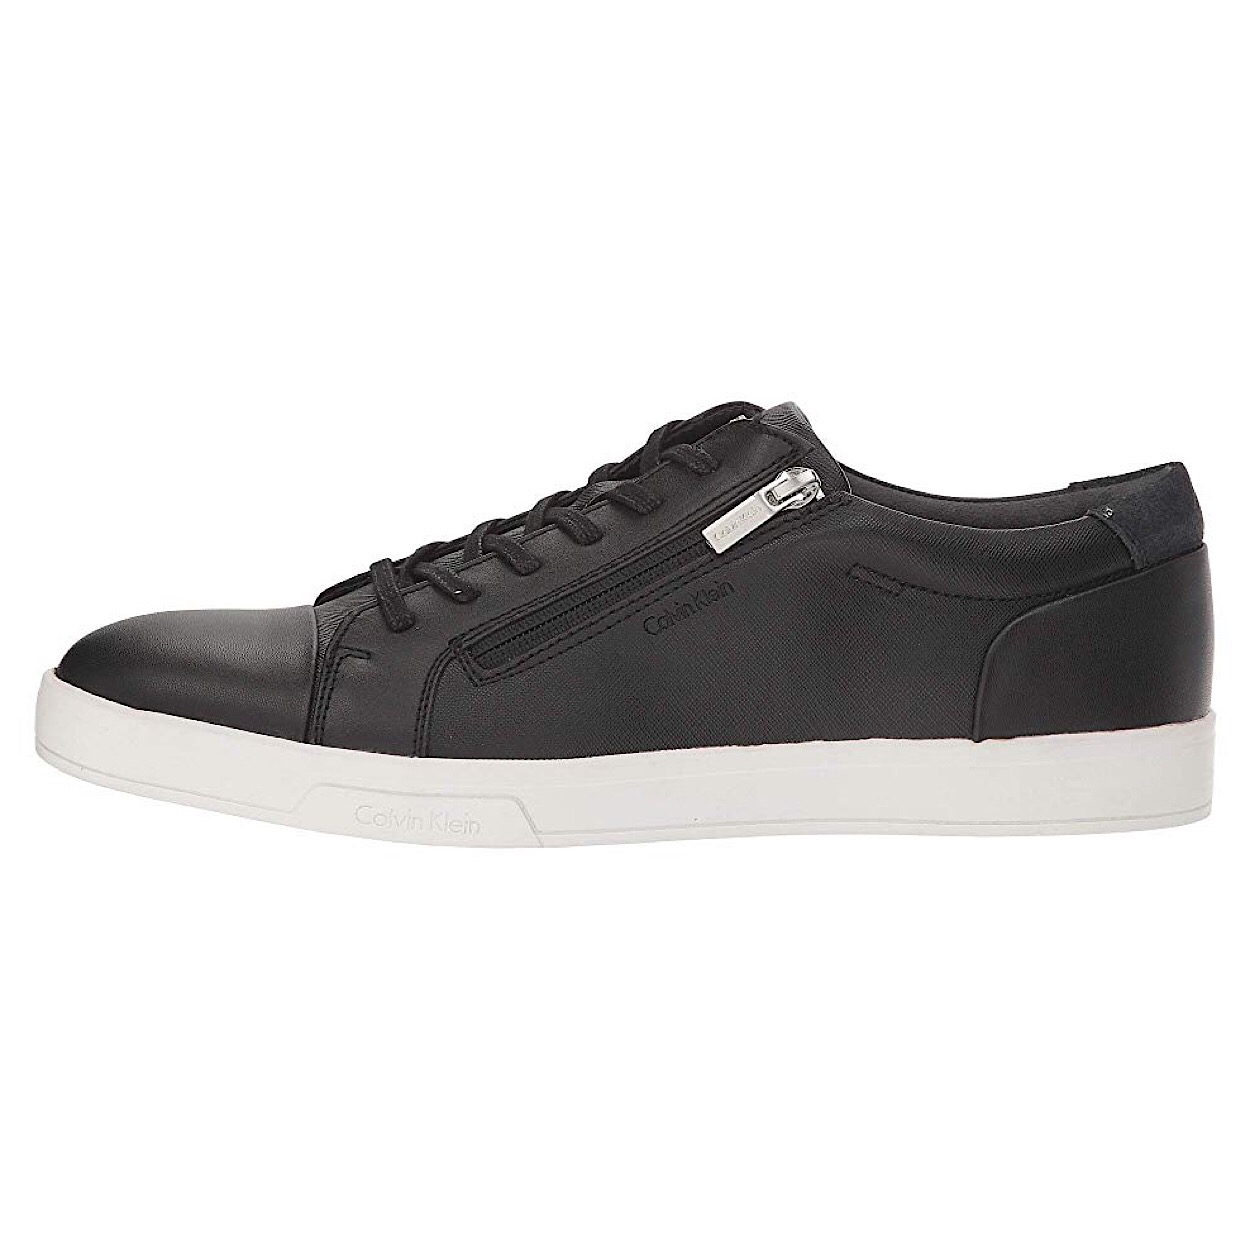 کفش مردانه کلوین کلاین مدل Bilton 2